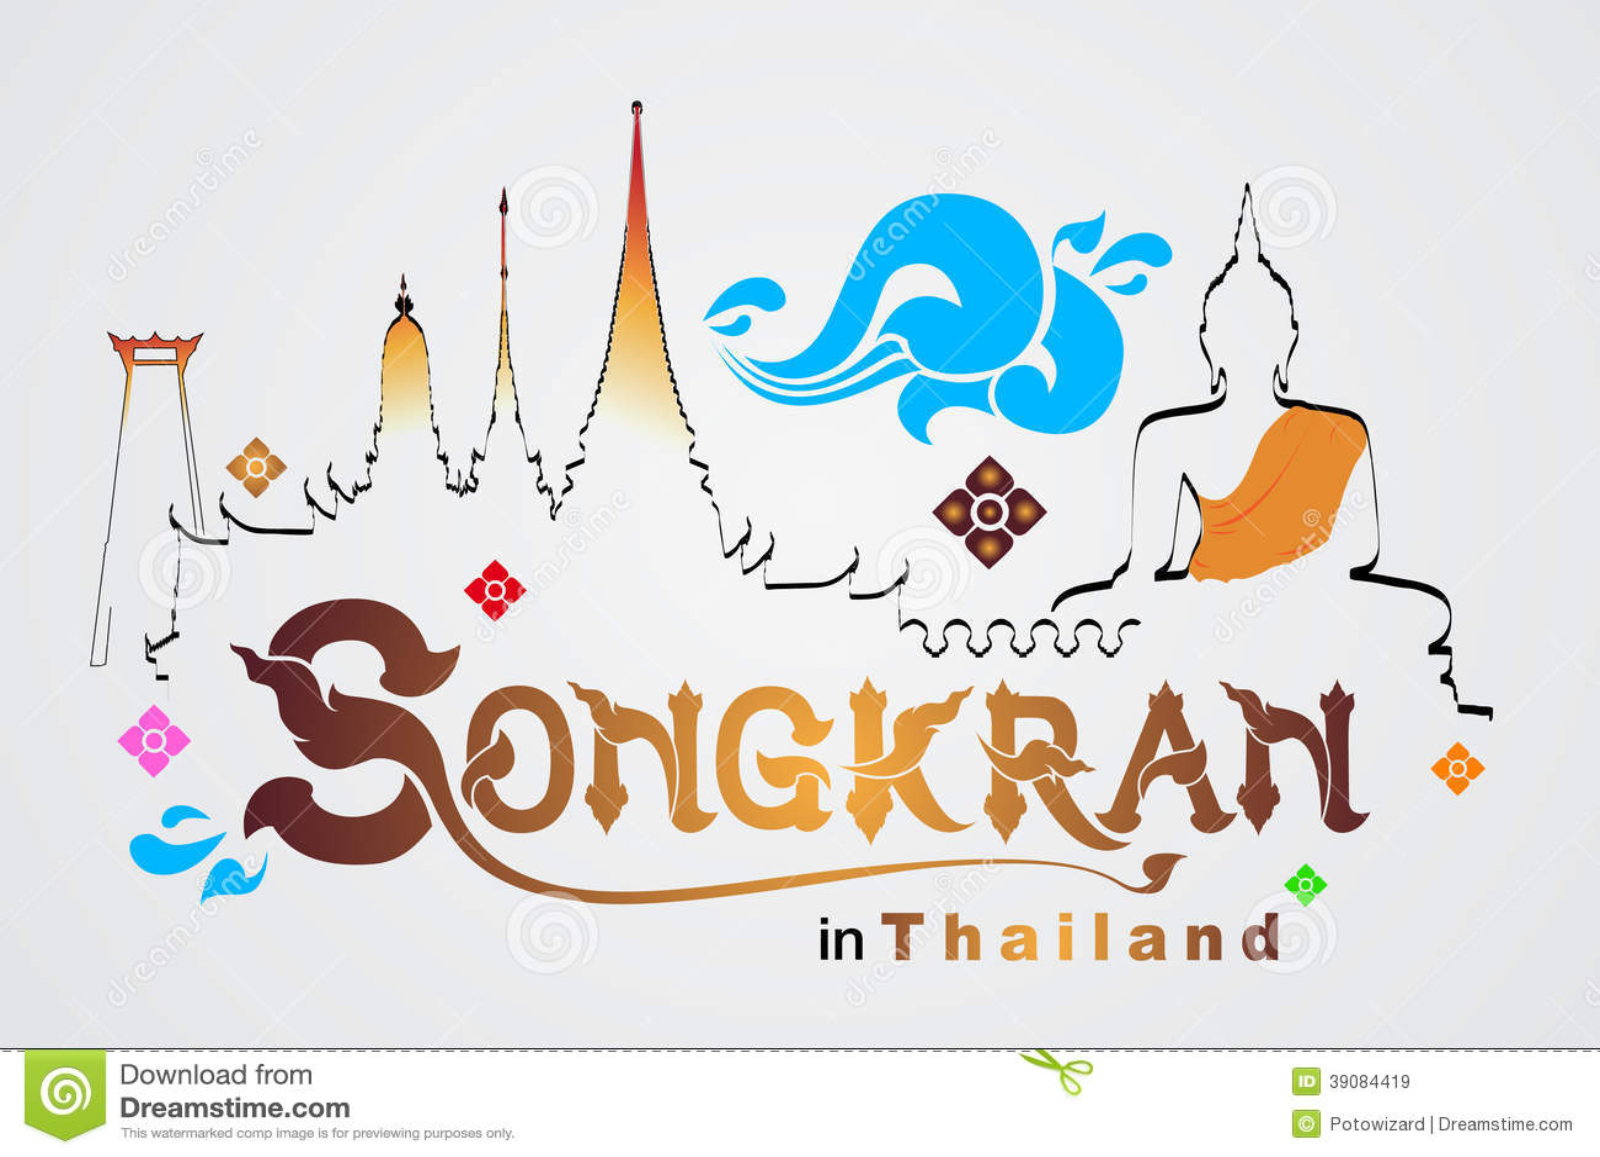 Songkran festival in thailand stock vector illustration of songkran festival in thailand kristyandbryce Choice Image